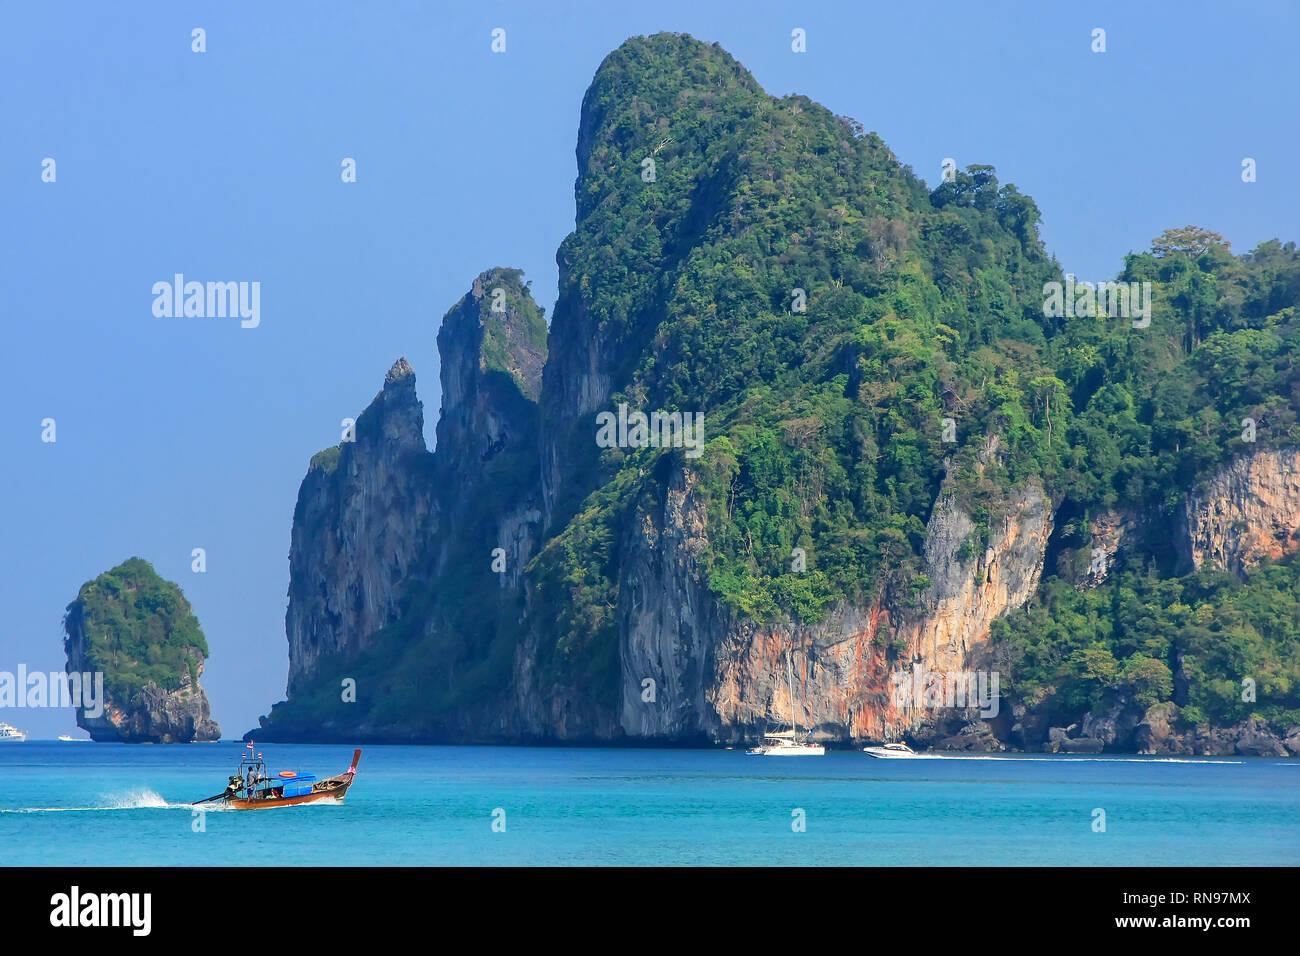 Phi Phi Islands Beaches Loh Dalum Tonsai Bay Long Beach: Loh Dalum Stock Photos & Loh Dalum Stock Images